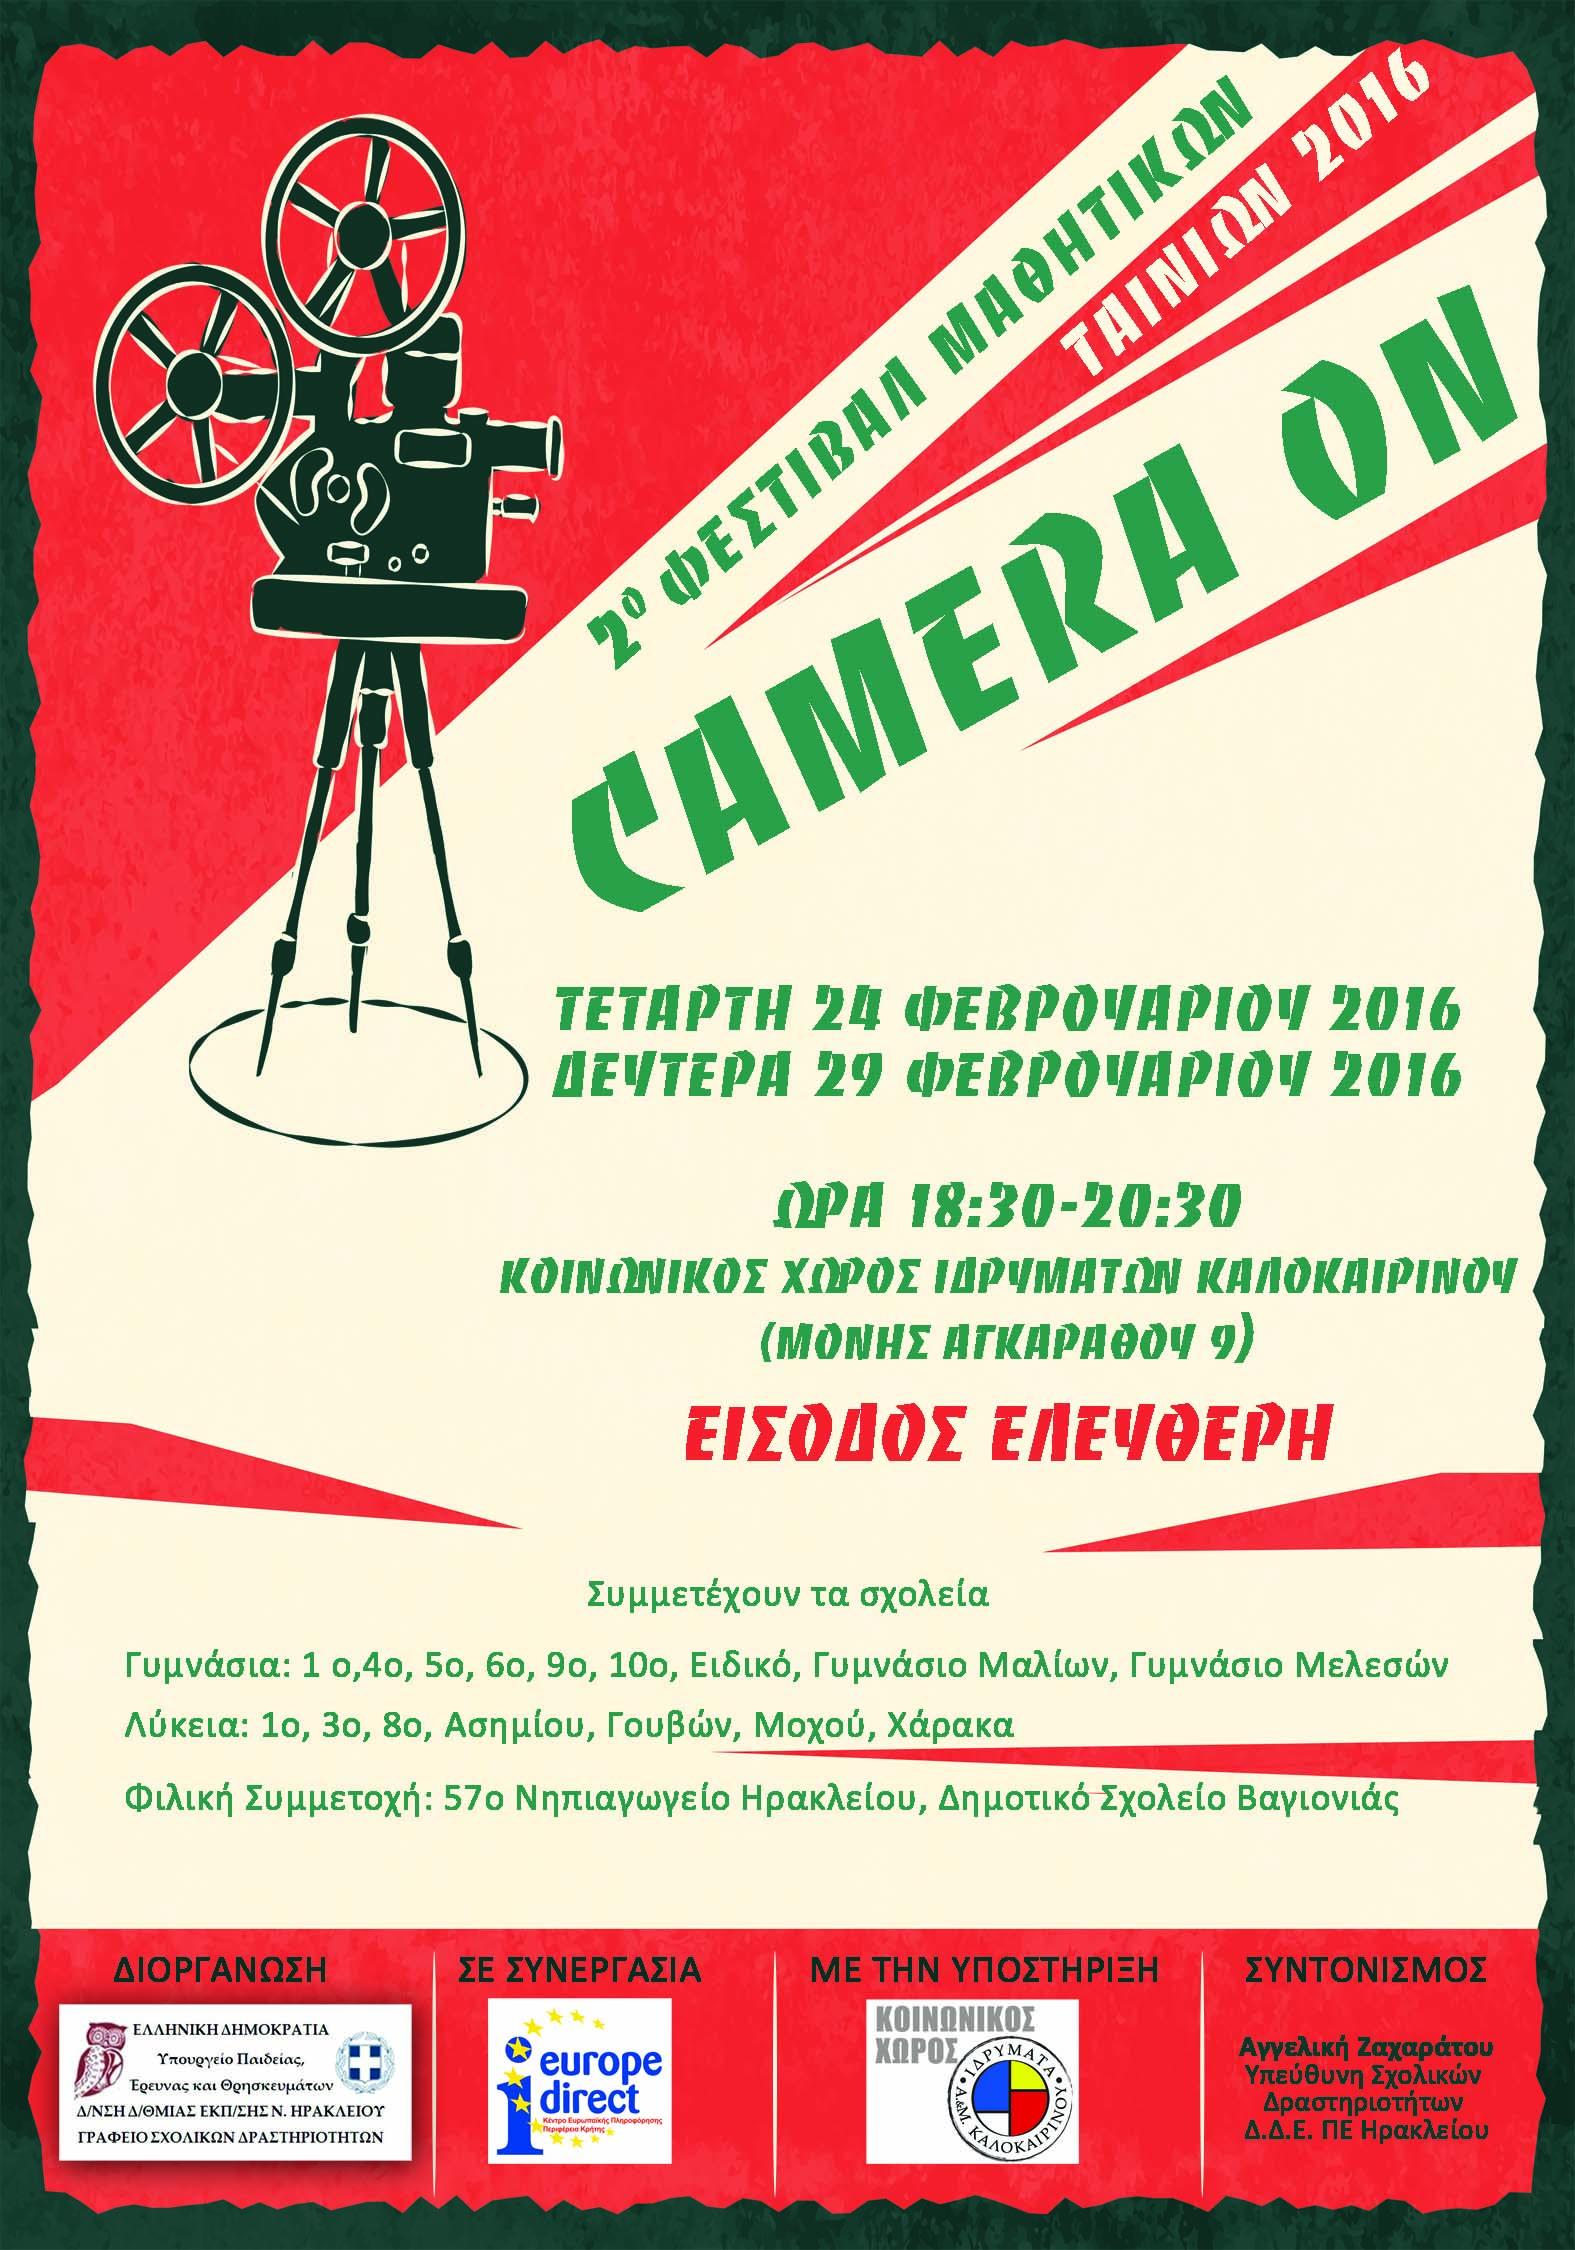 2ο Φεστιβάλ Μαθητικών Ταινιών